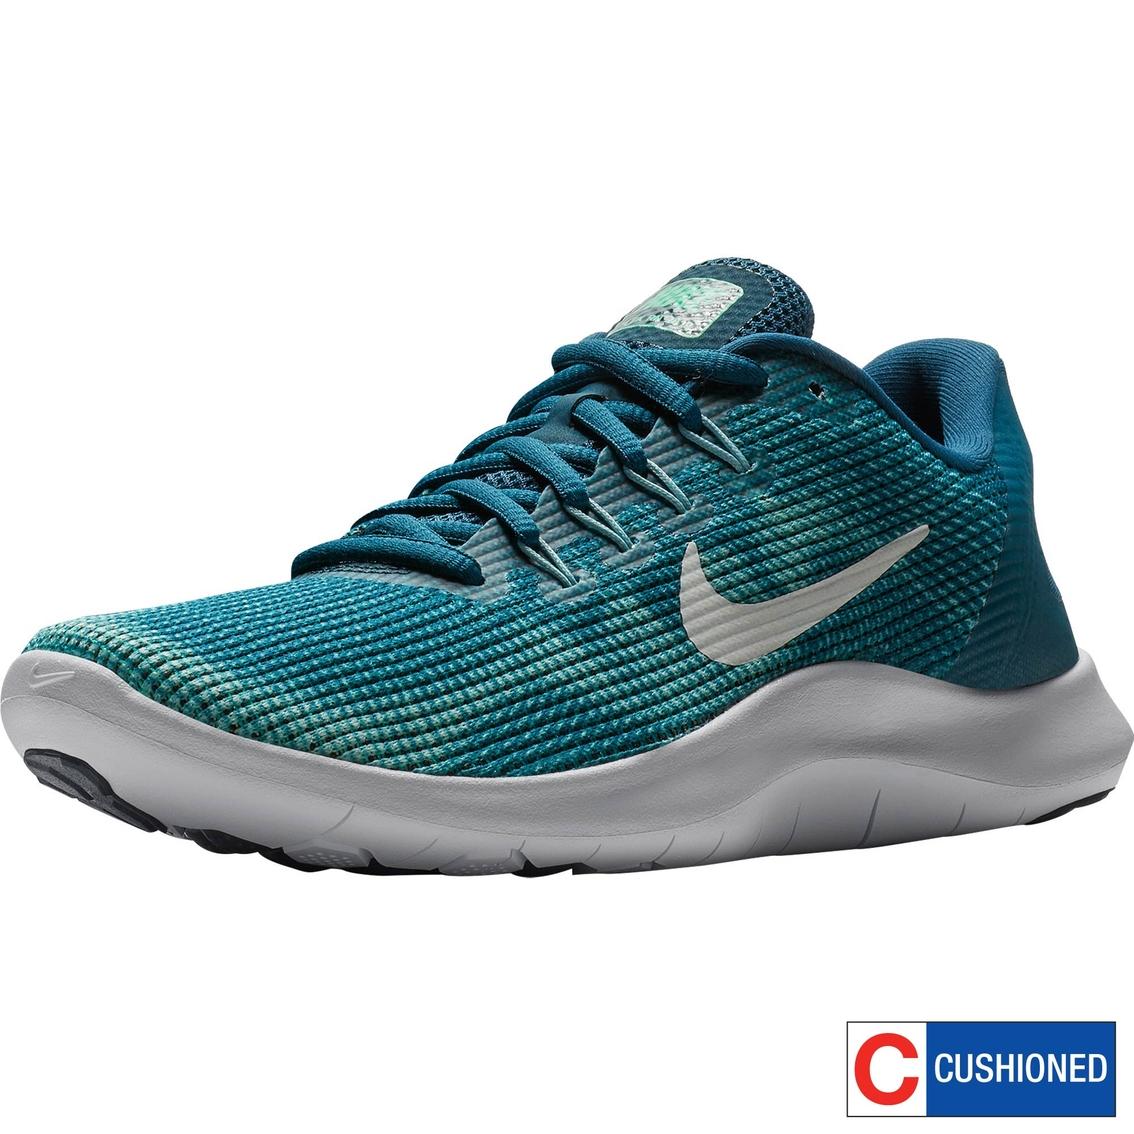 women's flex run 2018 running shoe